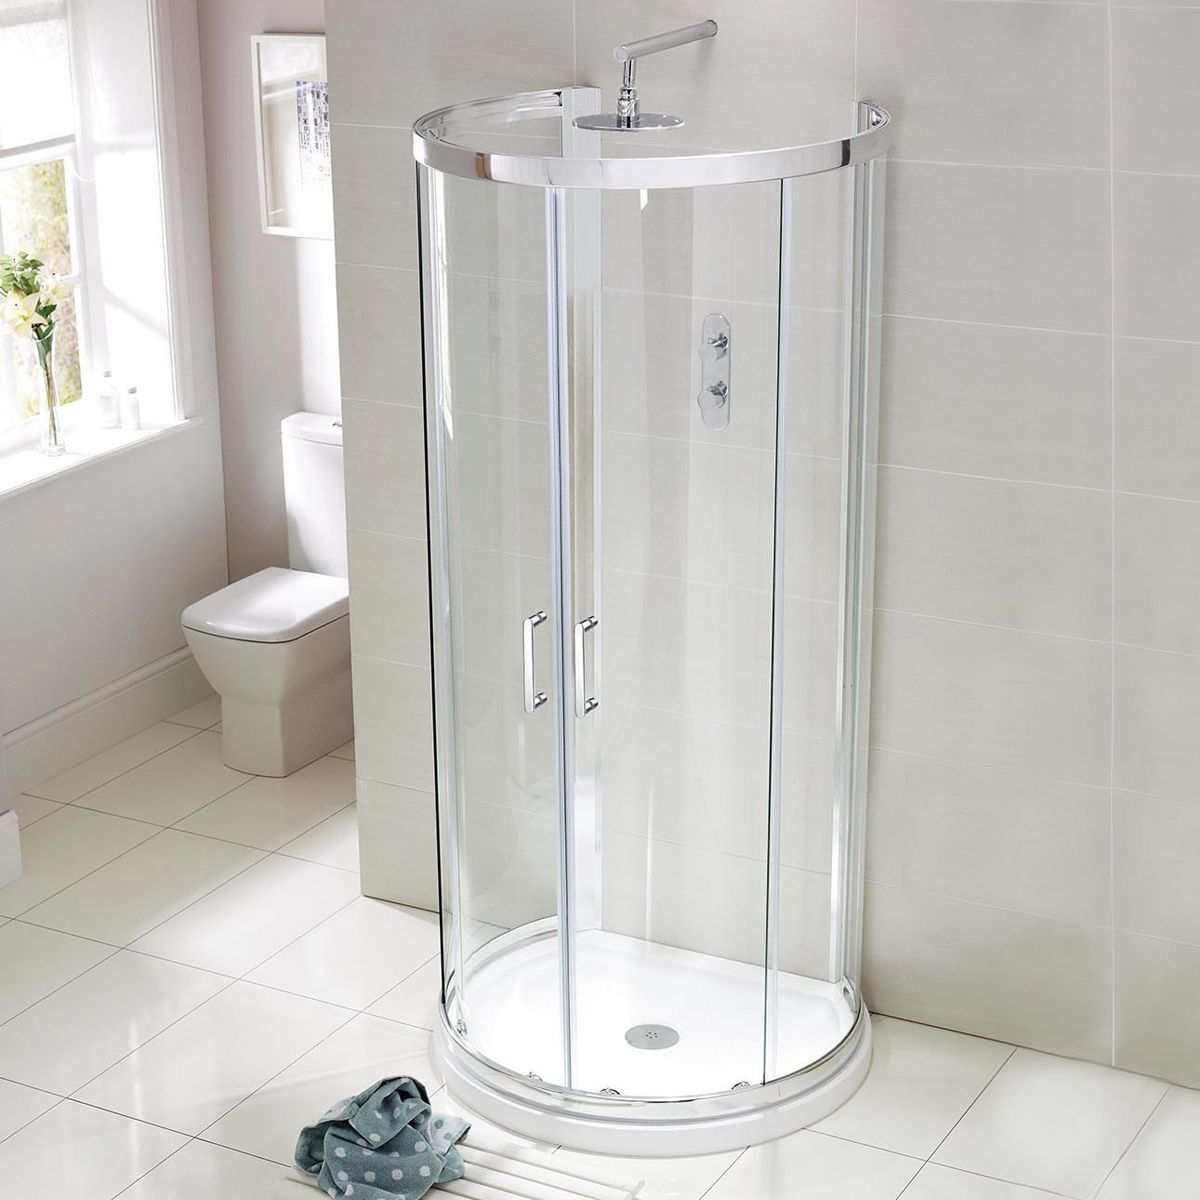 Frontline Aquaglass D Shaped Shower Enclosure 900mm